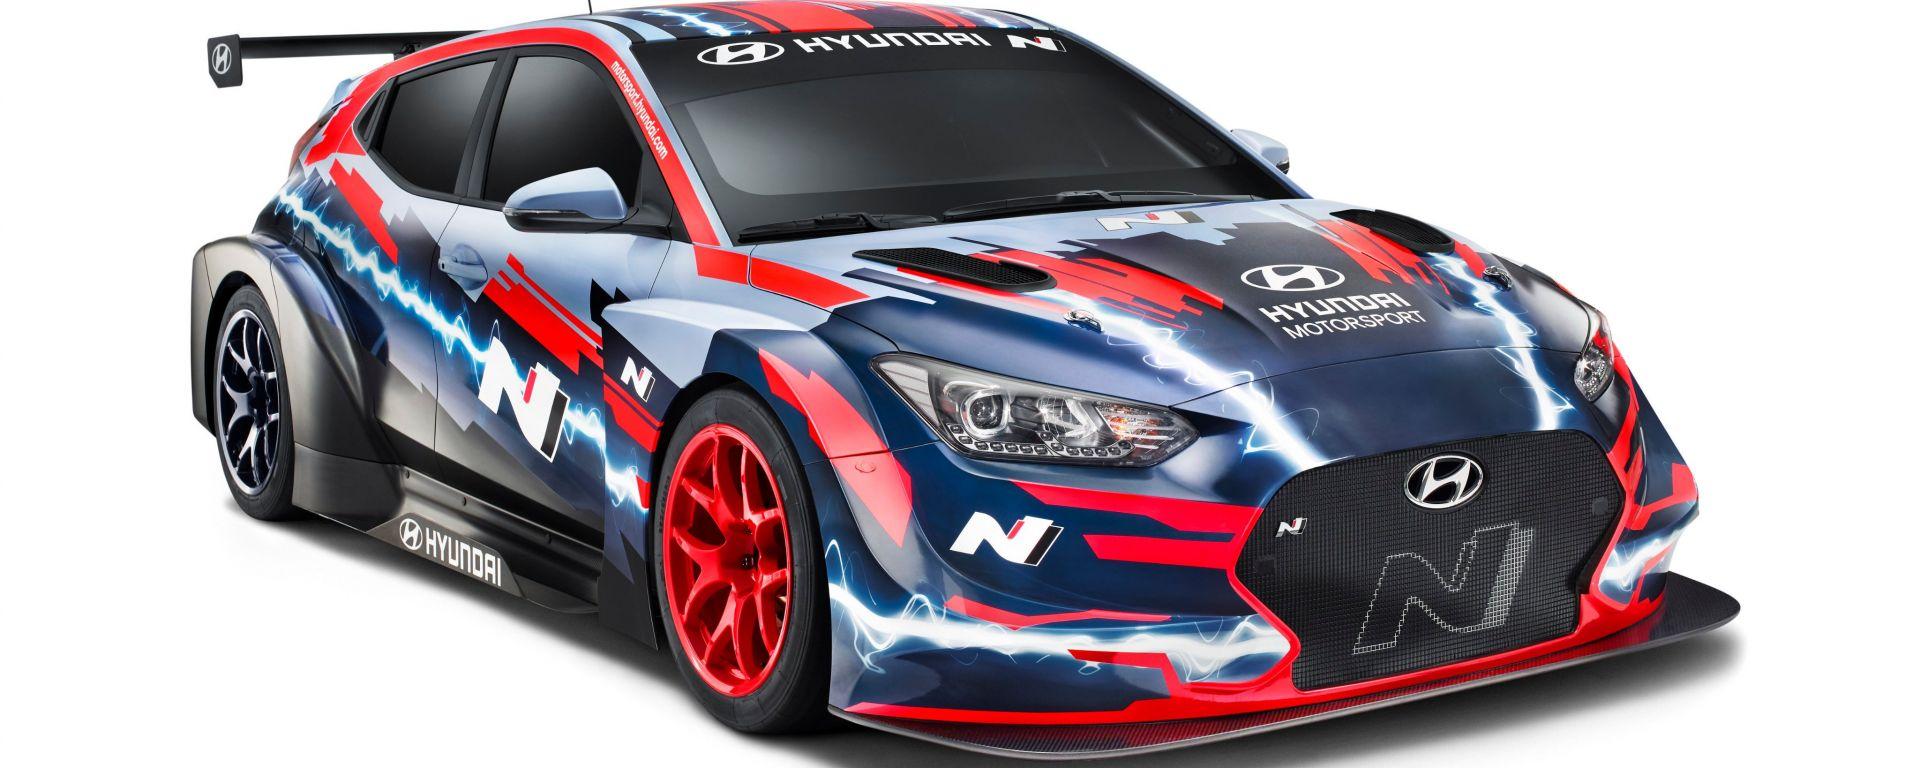 Hyundai Motorsport, presentata a Francoforte la nuova Veloster N TCR elettrica per l'ETCR